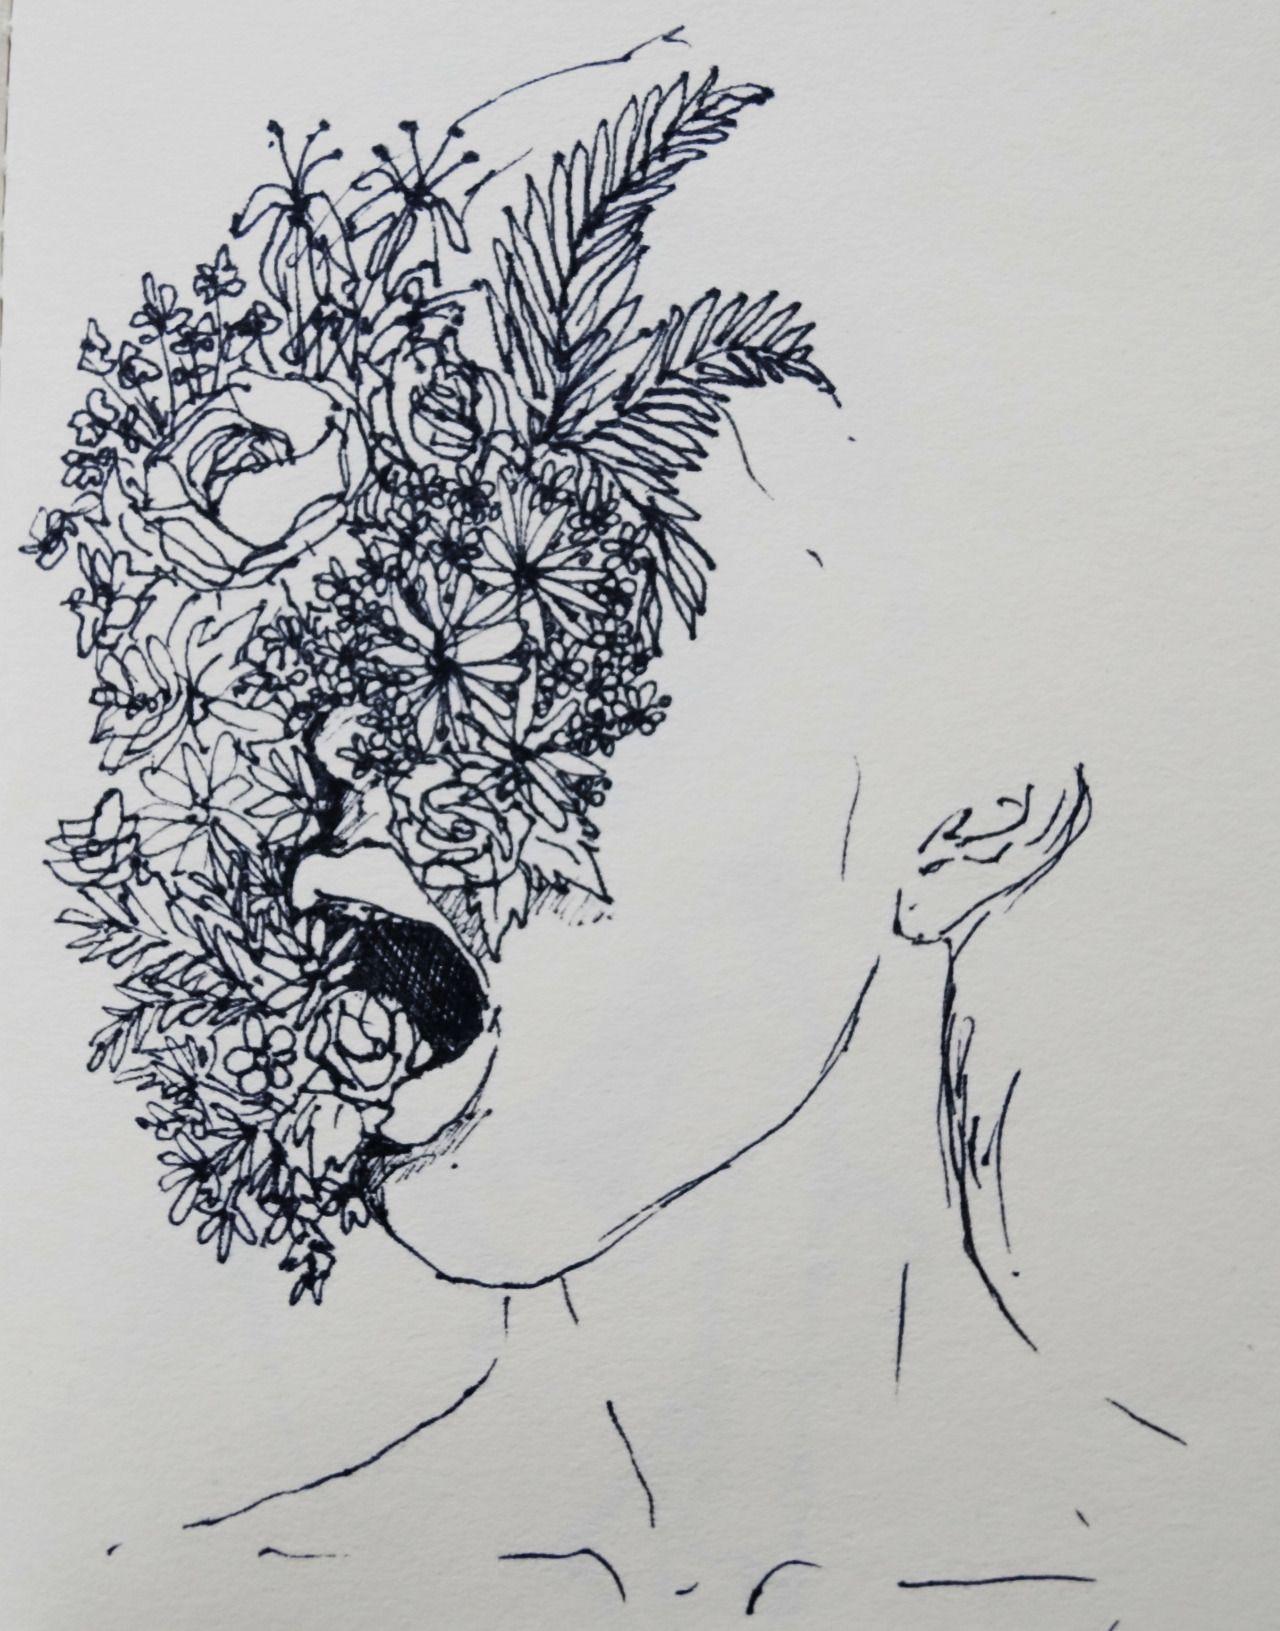 Resultado de imagem para face with flowers drawing